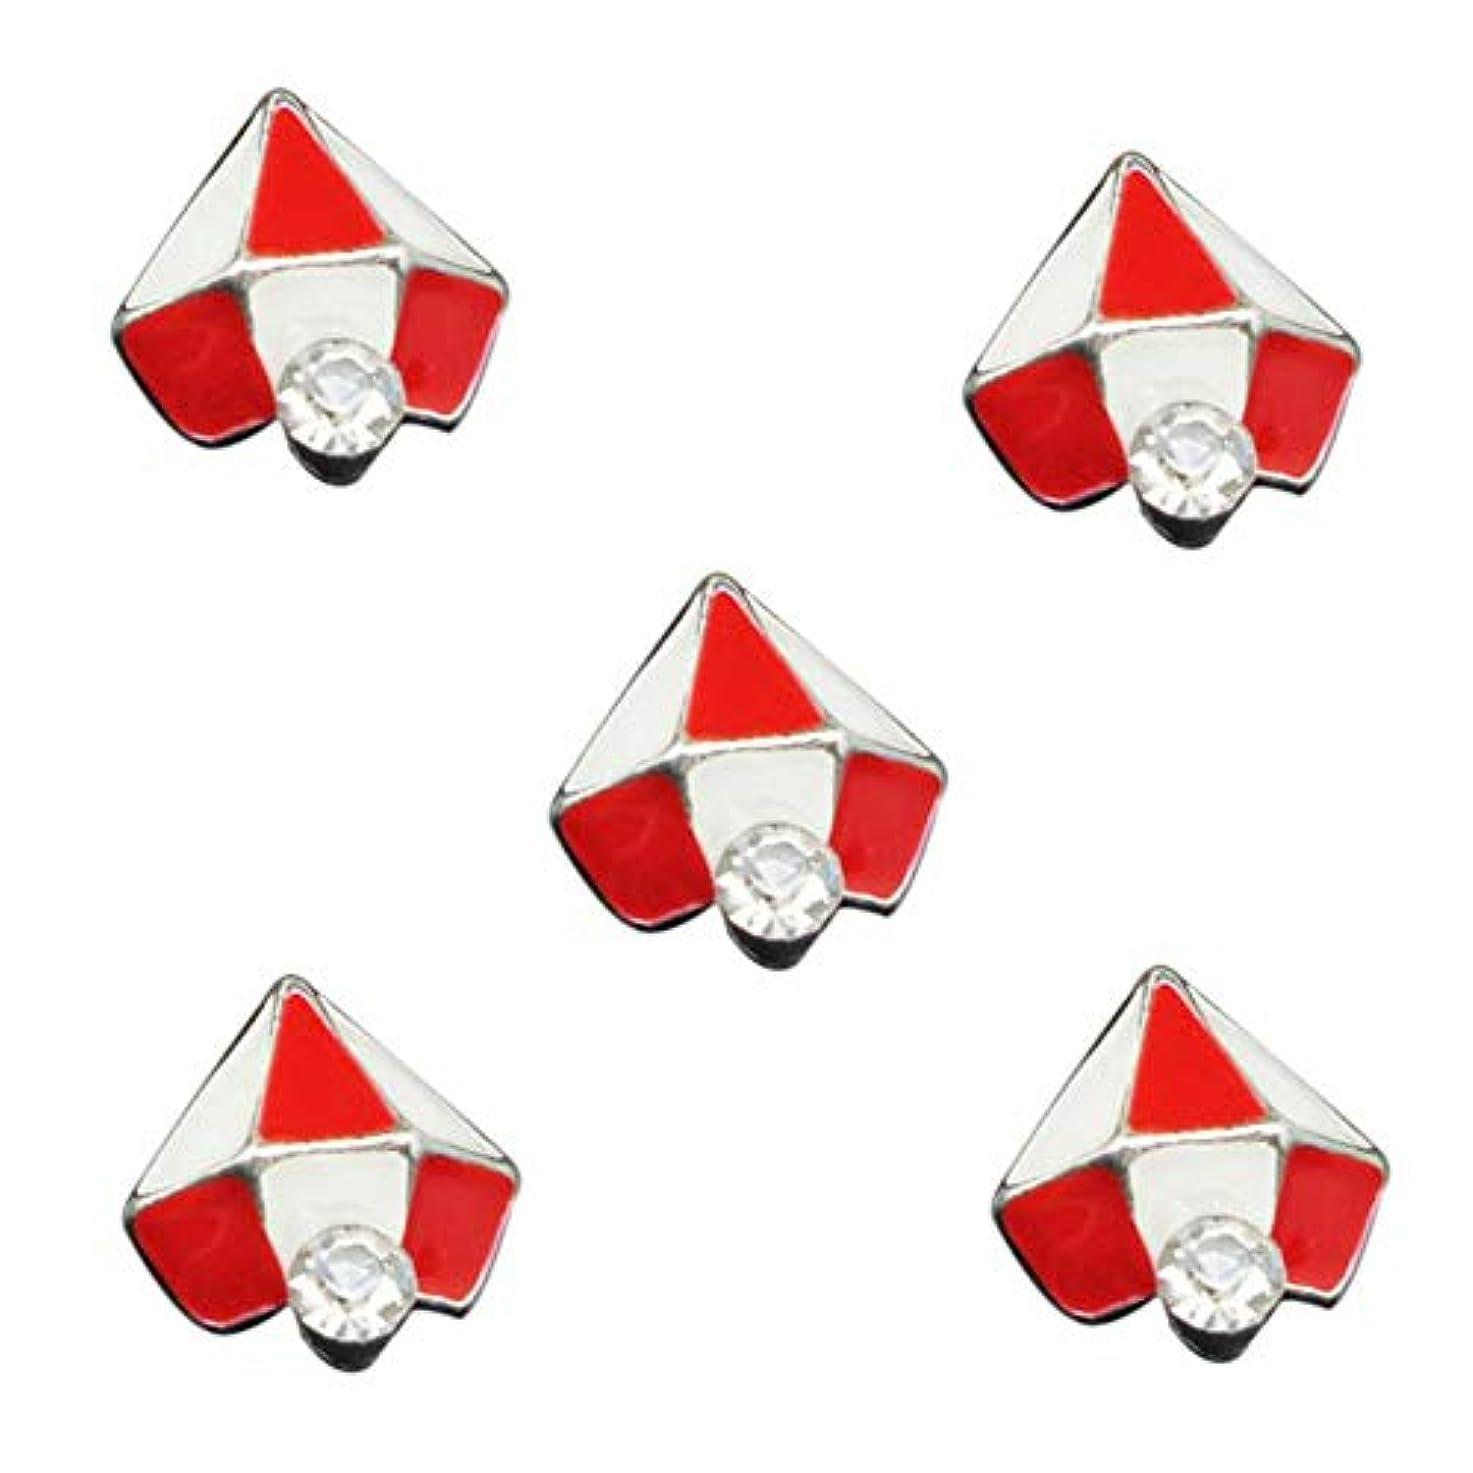 論争的上に築きますお母さん10PCSの3Dグリッタージュエリーレッドダイヤモンドデザインネイルアートジェルステッカーの接着剤のラインストーンネイルマニキュアスタイリングツールのために